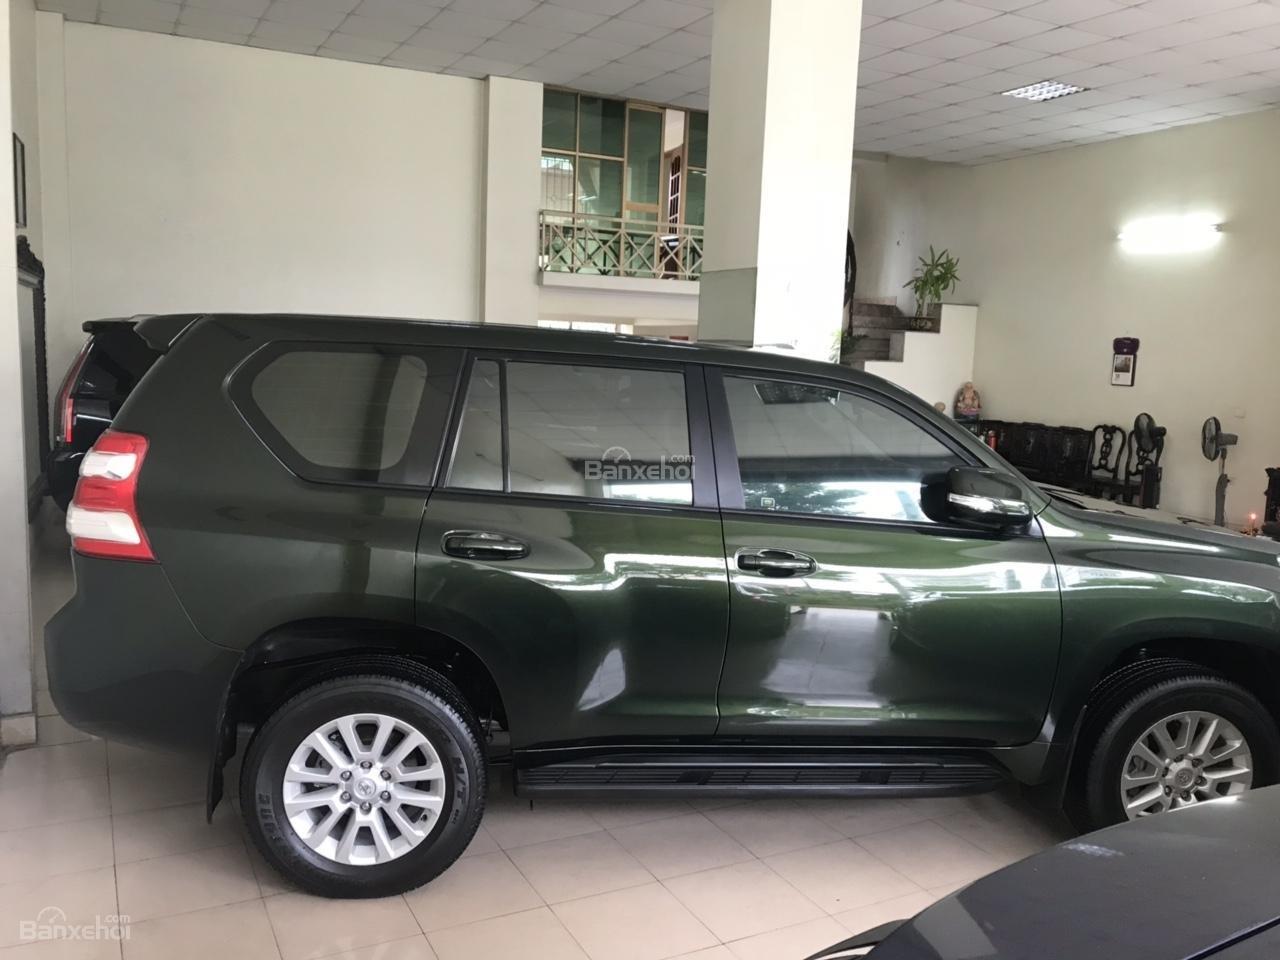 Cần bán Toyota Prado - TXL - 2016, biển thành phố, xe đẹp như mơ, hỗ trợ vay ngân hàng, liên hệ Mr Trung-0988599025-3